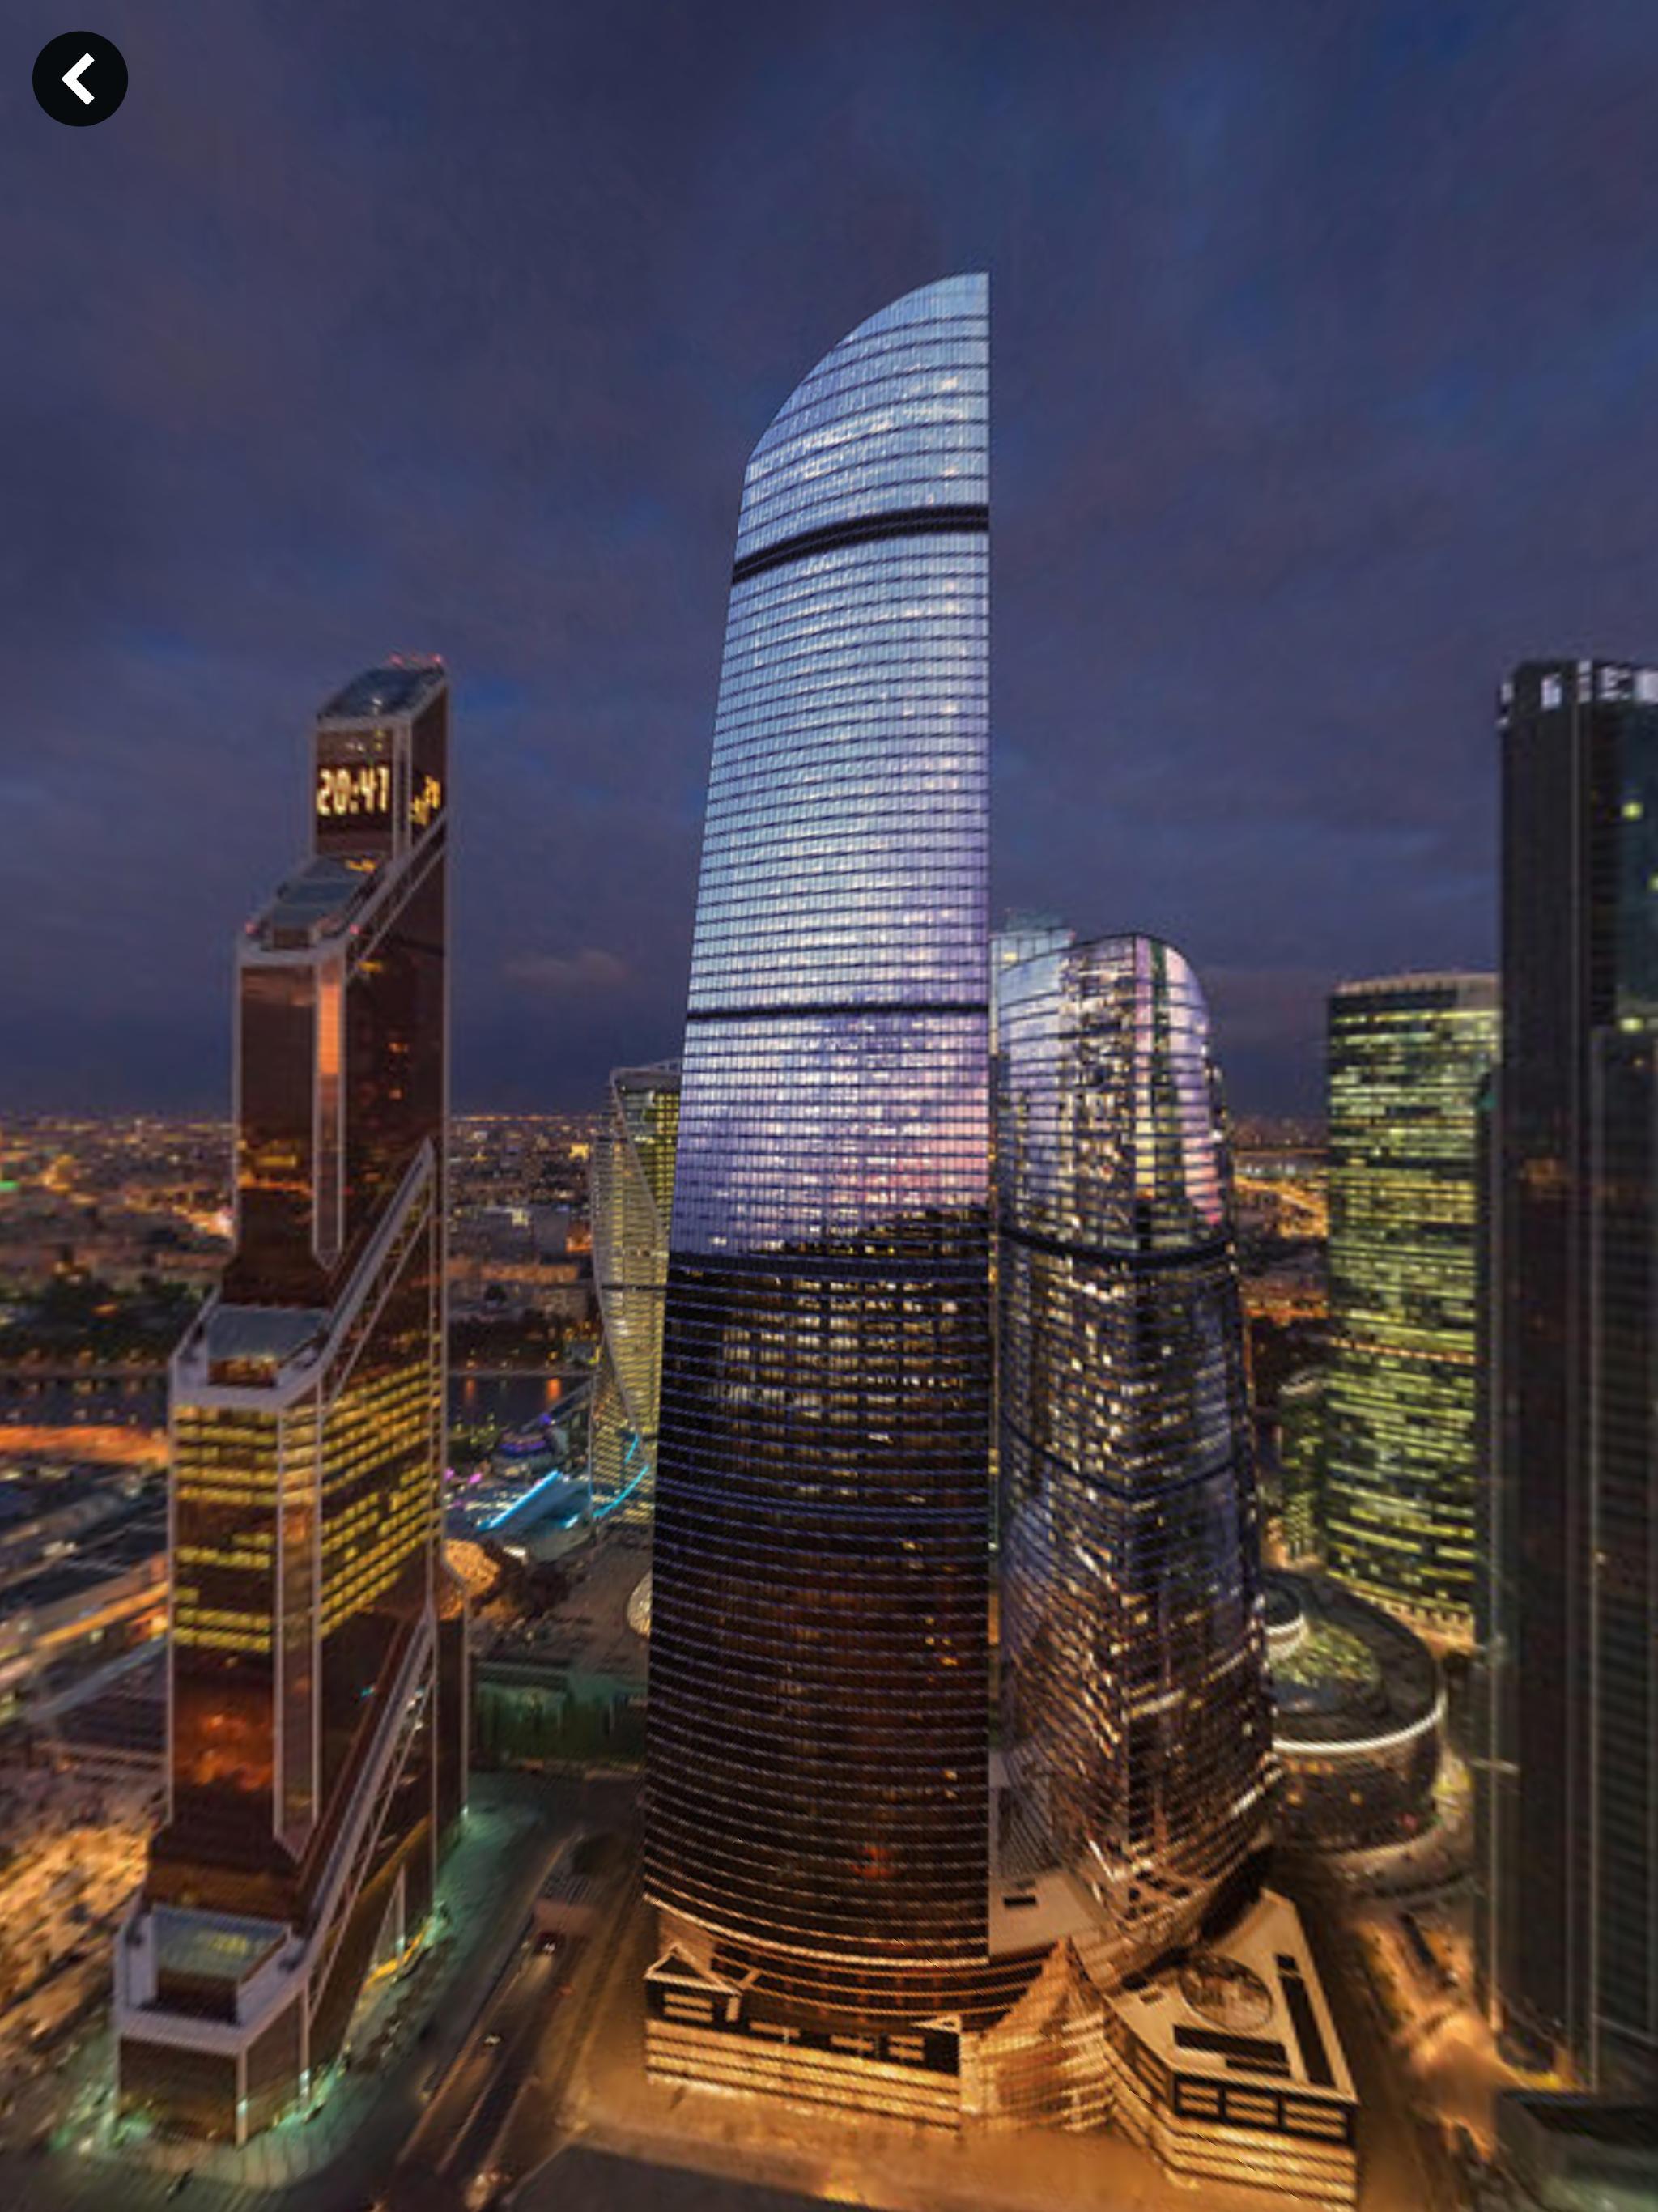 как выглядит башня федерация фото главную награду